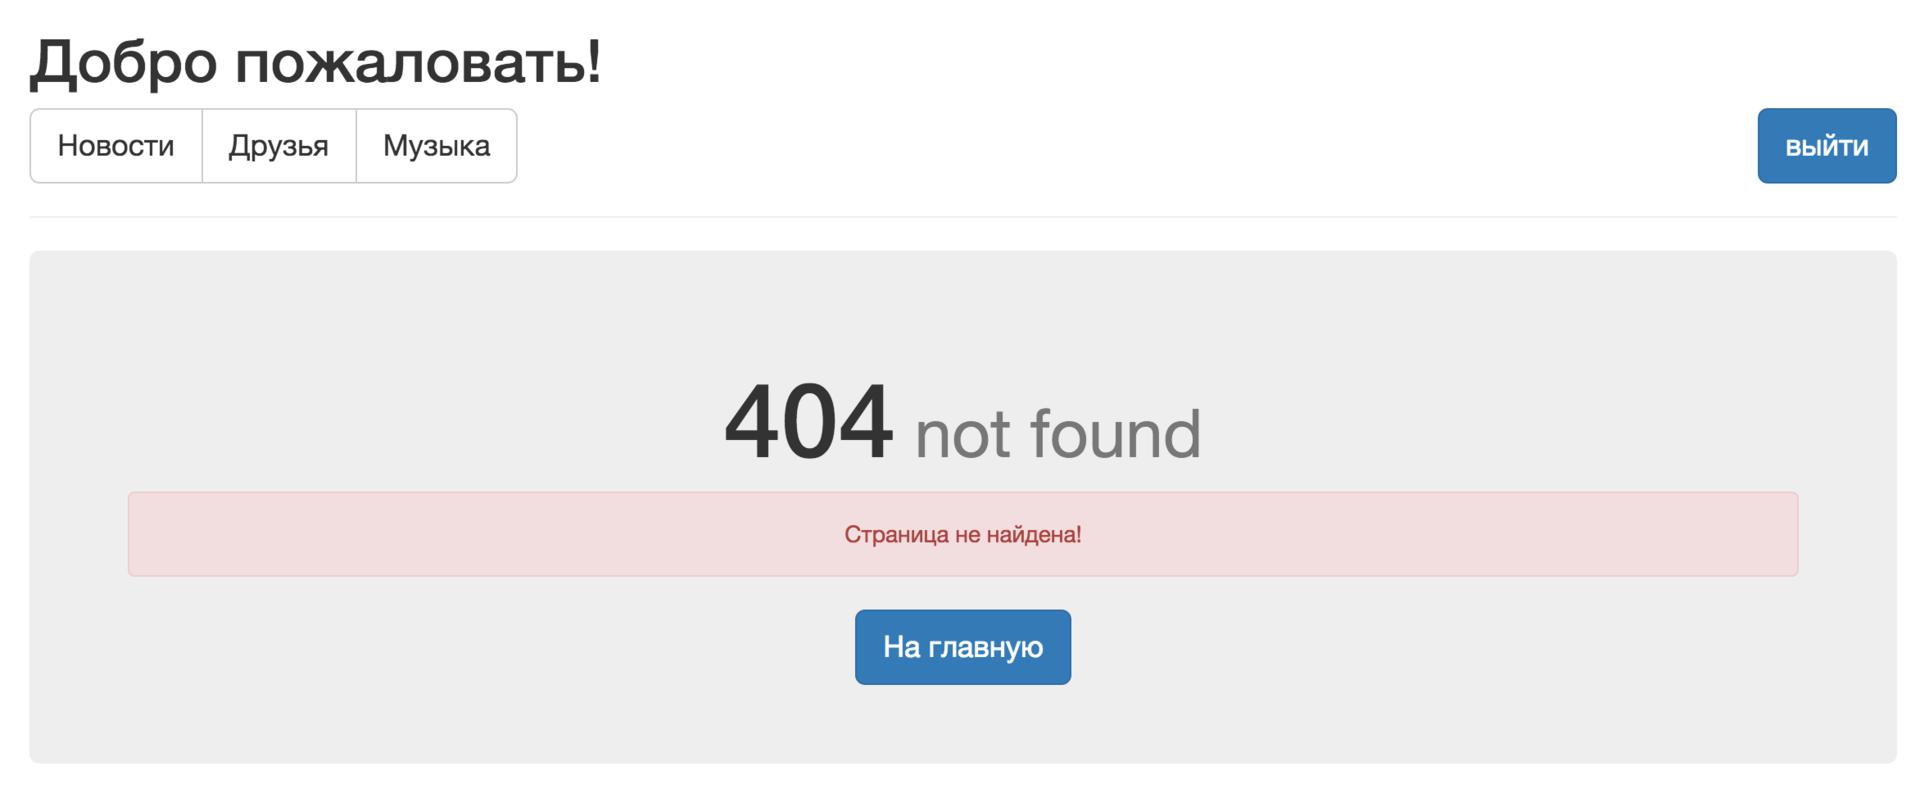 Делаем крутые Single Page Application на basis.js — часть 3. Клиент для «ВКонтакте